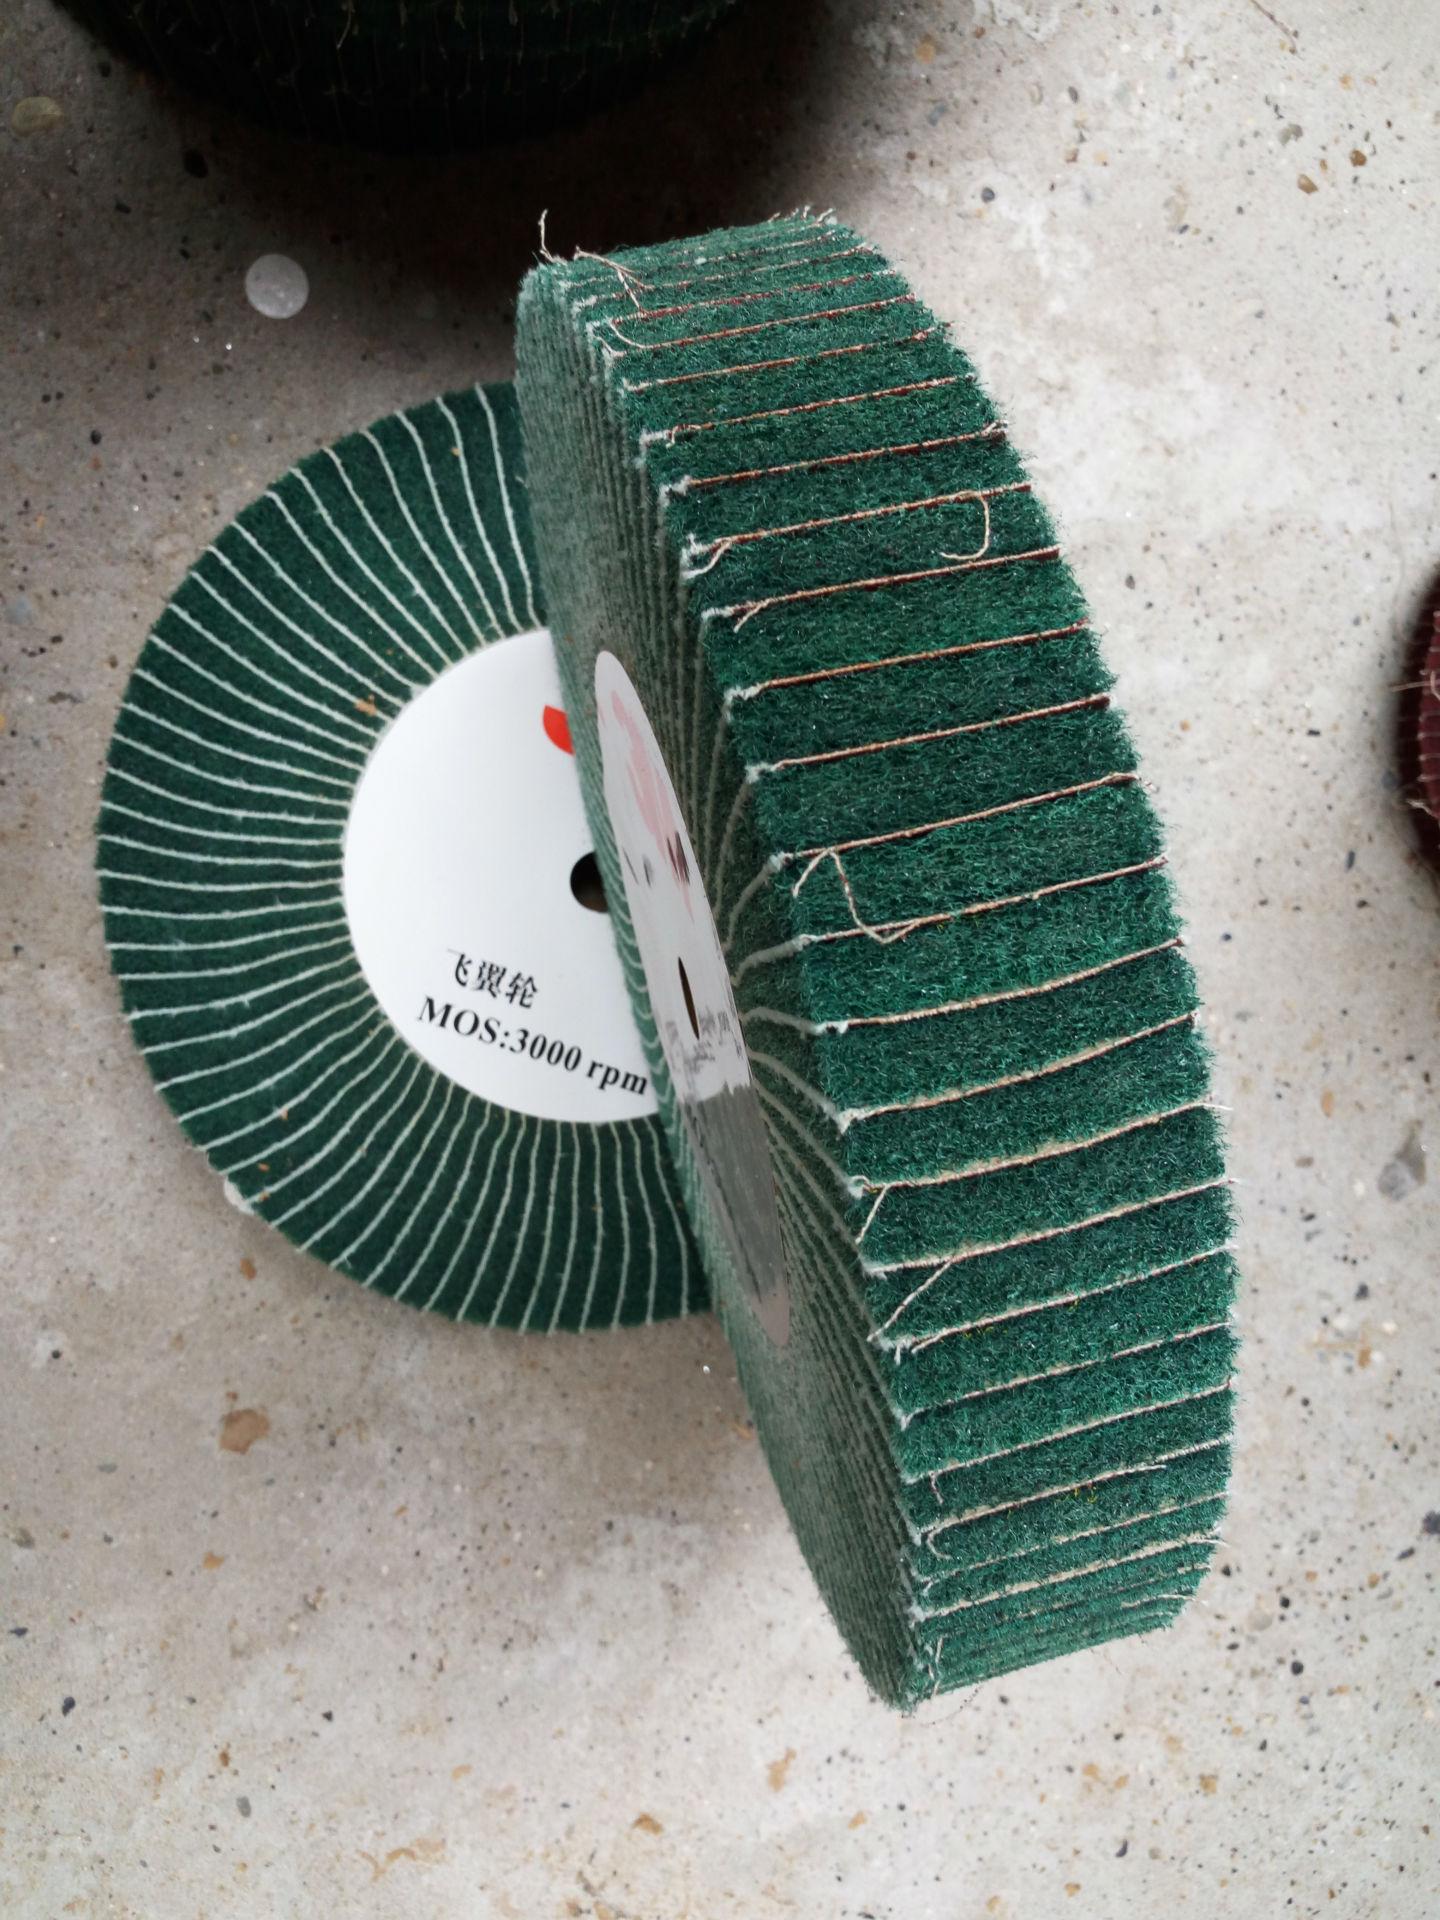 特制3M飞翼轮 绿色300*50夹砂抛光飞翼轮 圆形金属飞翼轮加工厂家 加砂抛光飞翼轮